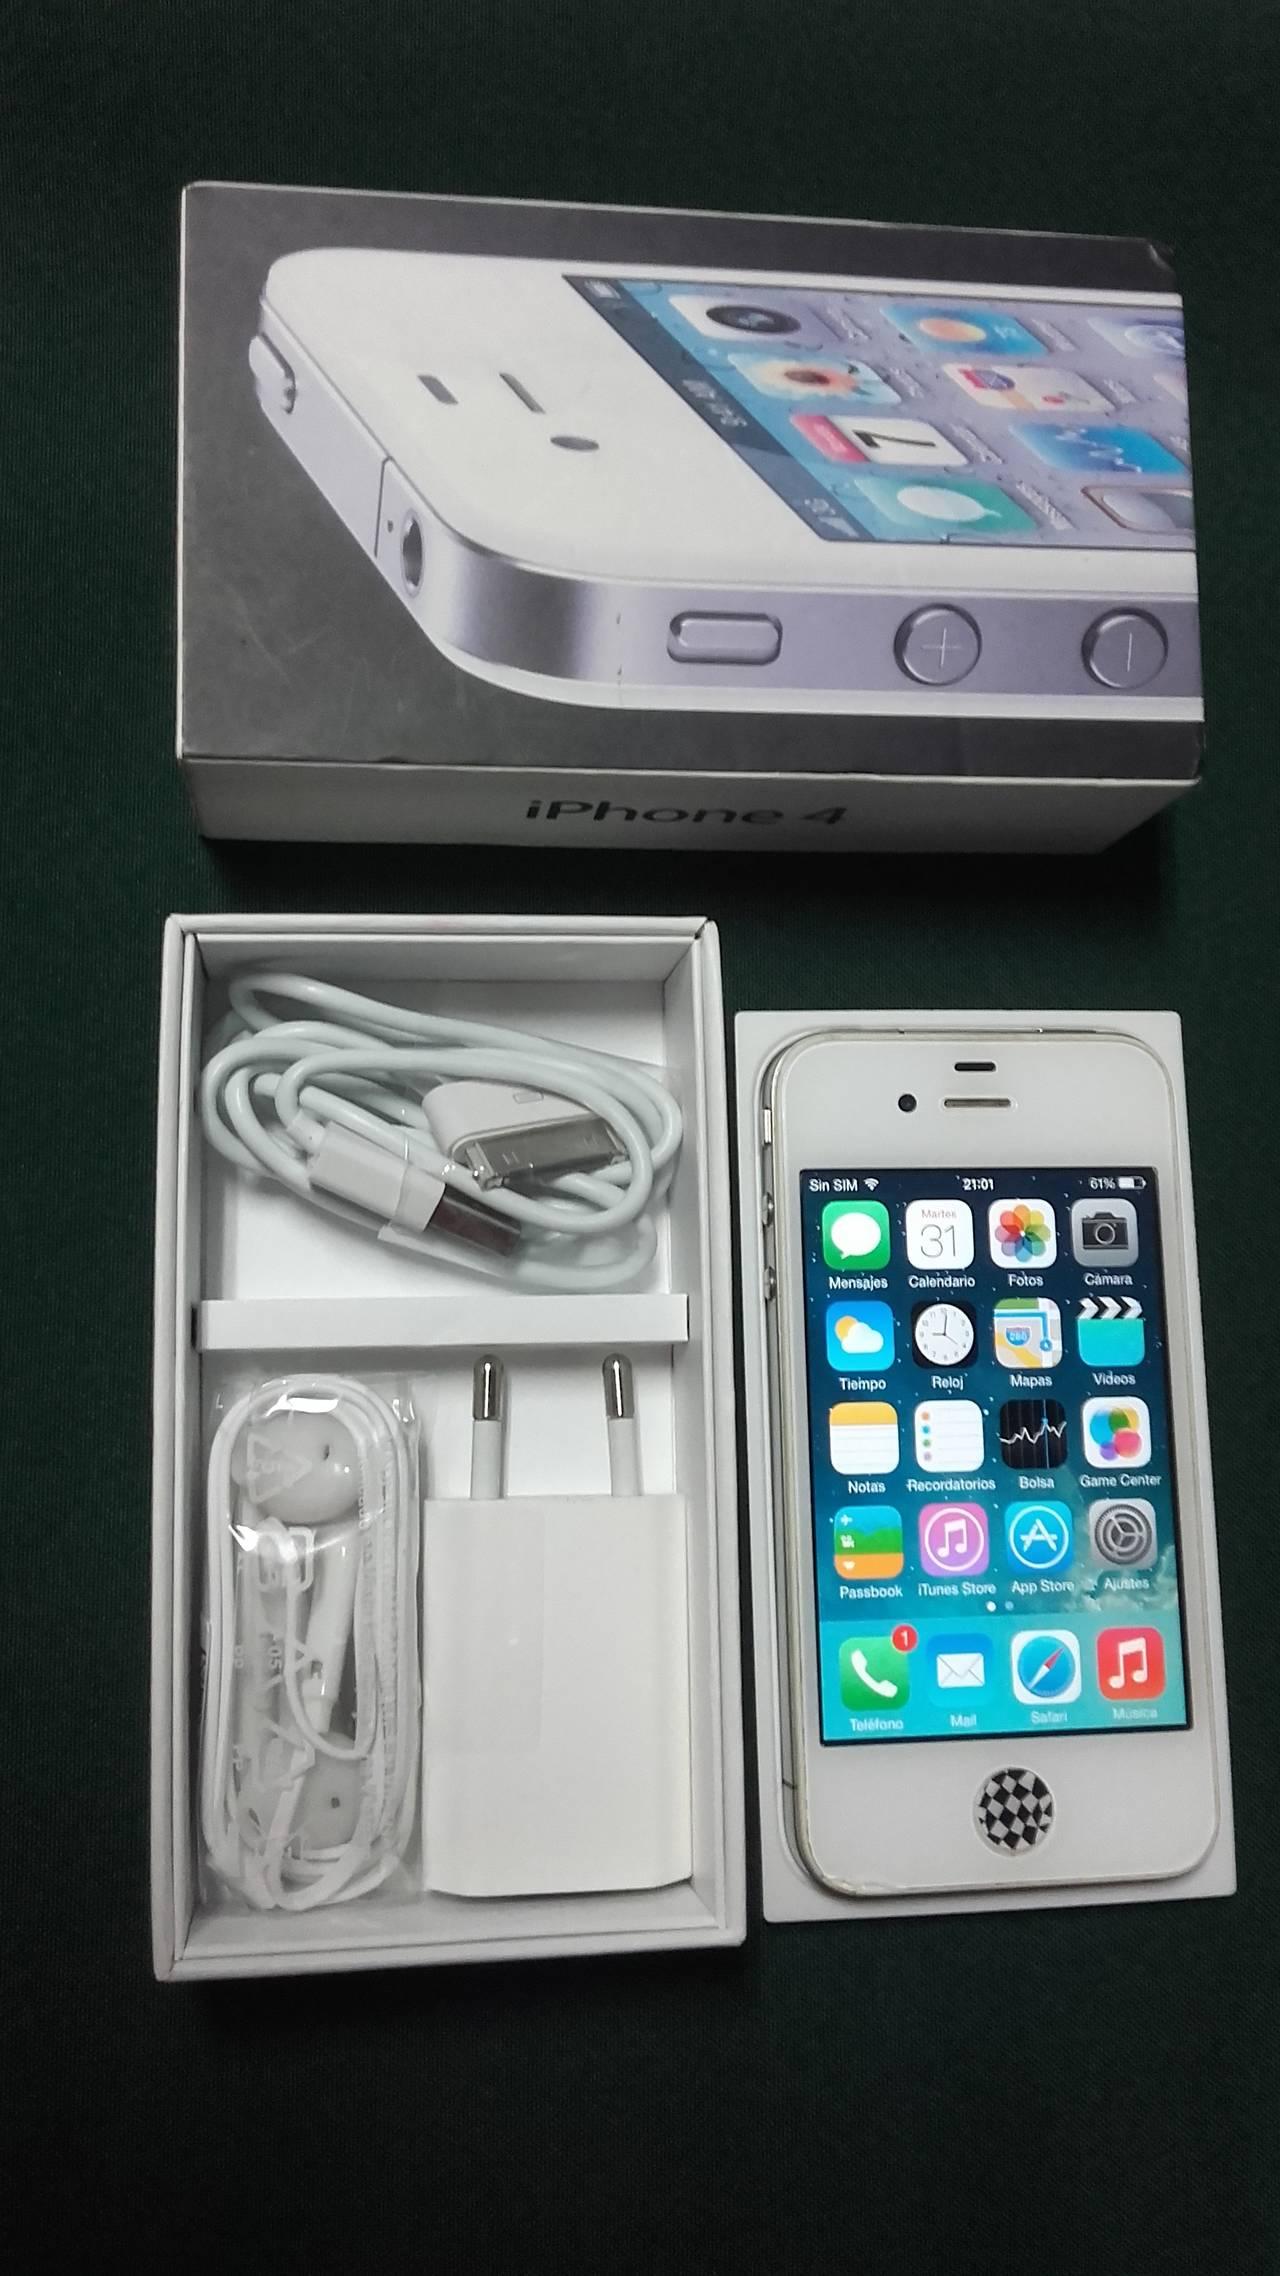 IPhone 4, 16 GB, Blanco.